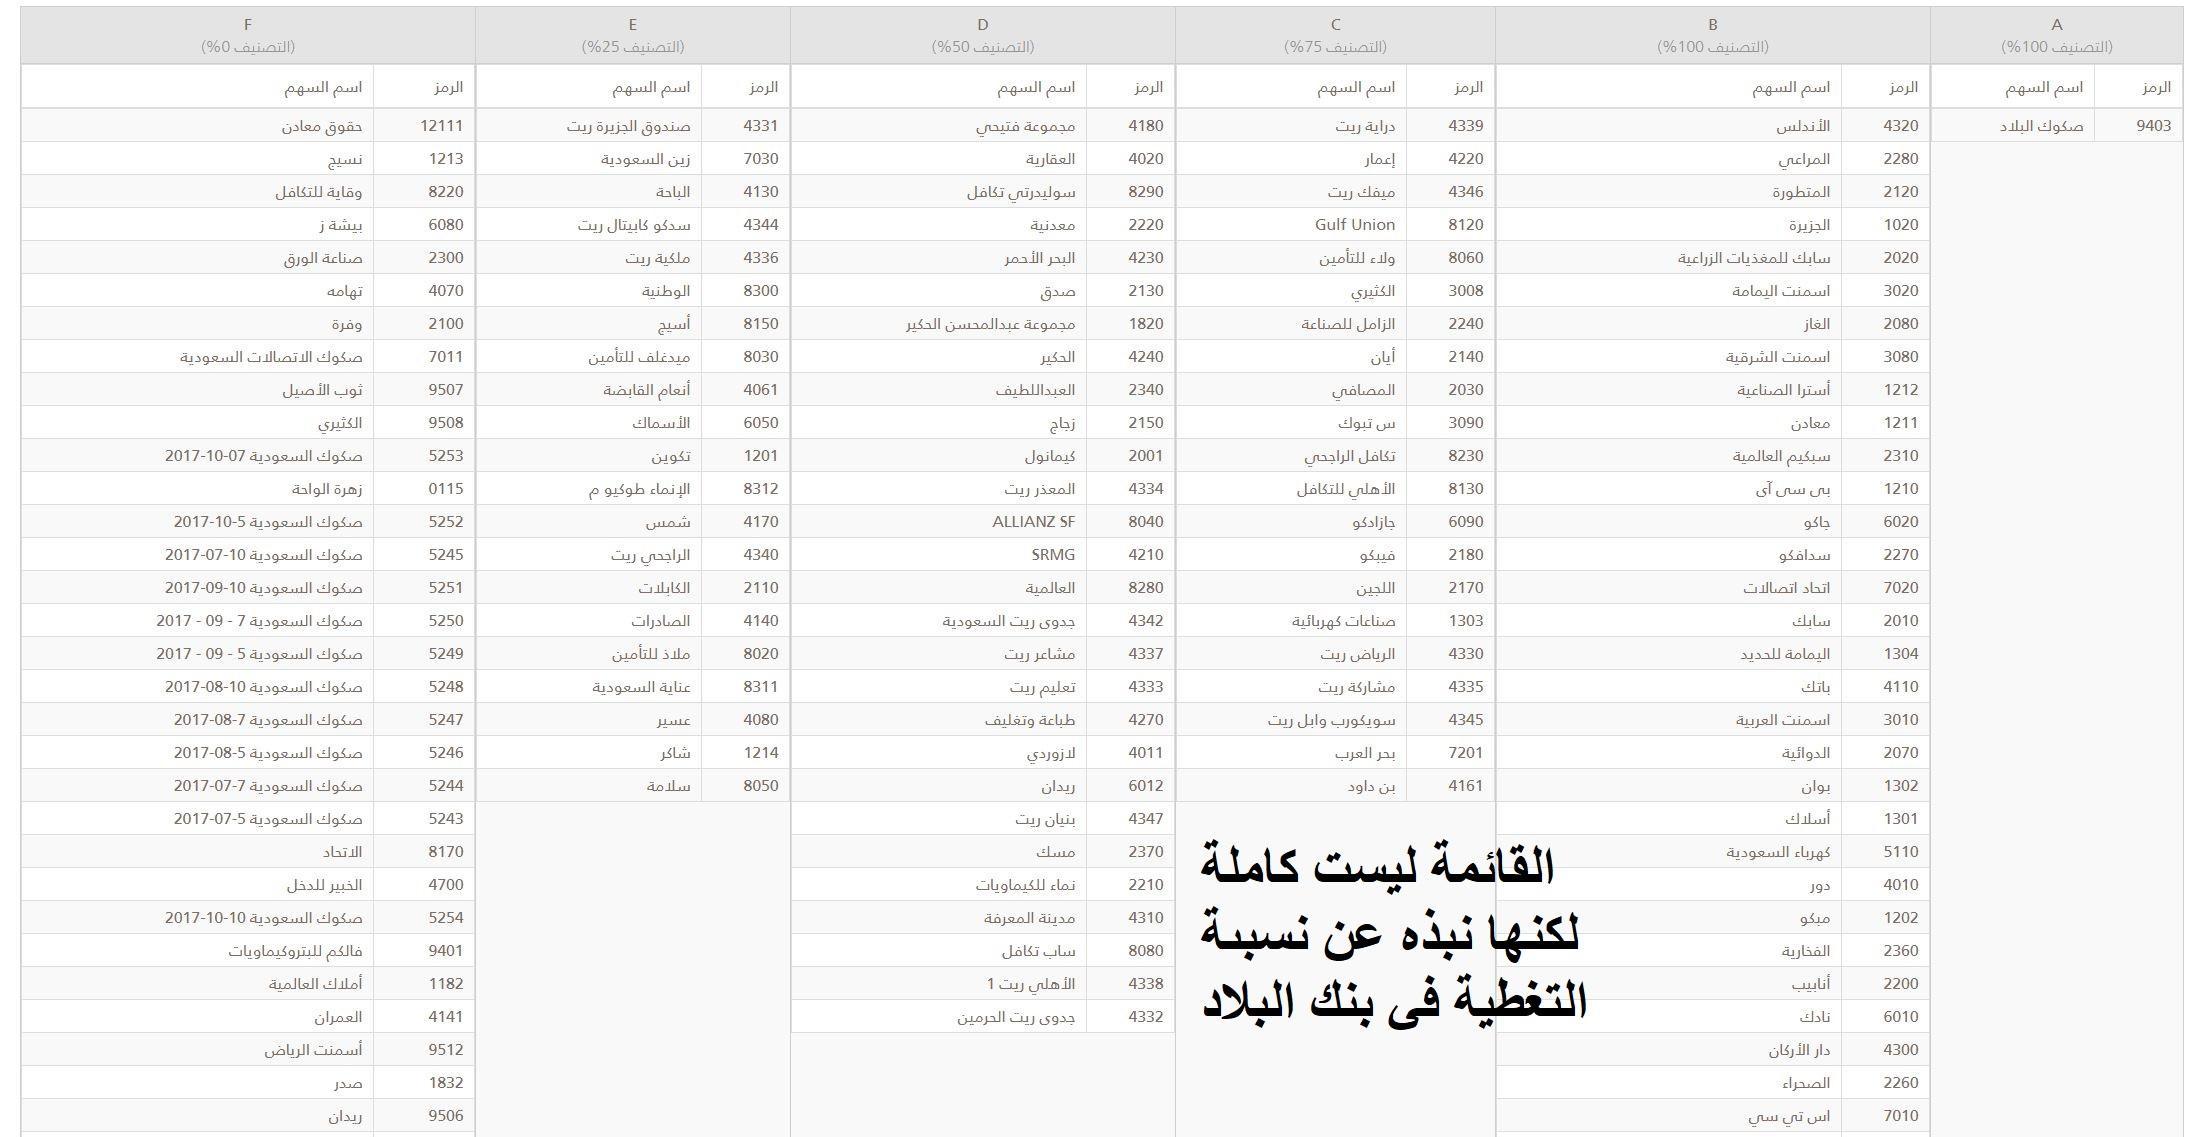 التسهيلات الإسلامية (دراية ,الراجحي , البلاد ) , تقرير مصور ومفصل